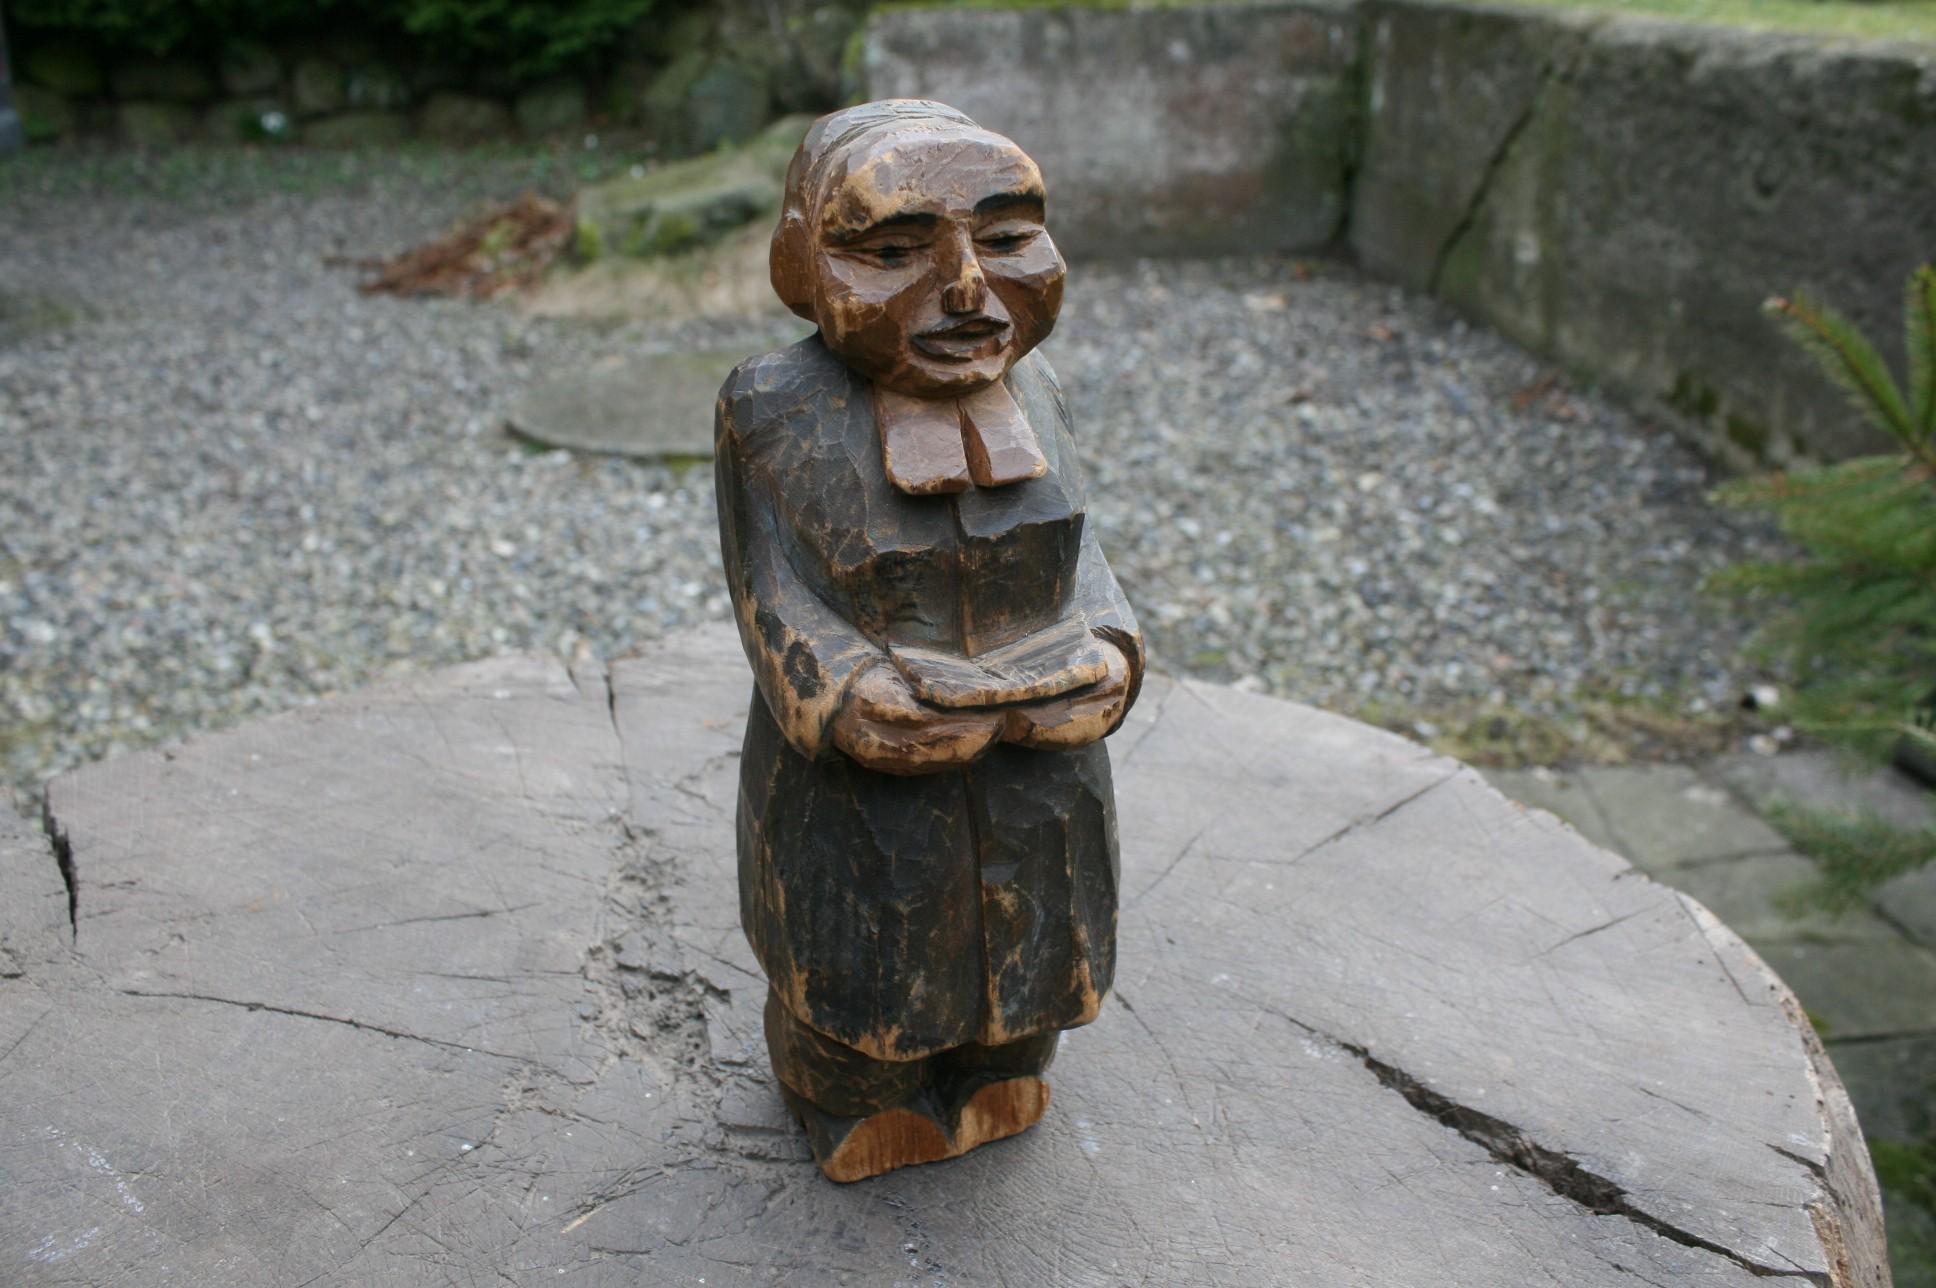 Antik træfigur forestiller præst.